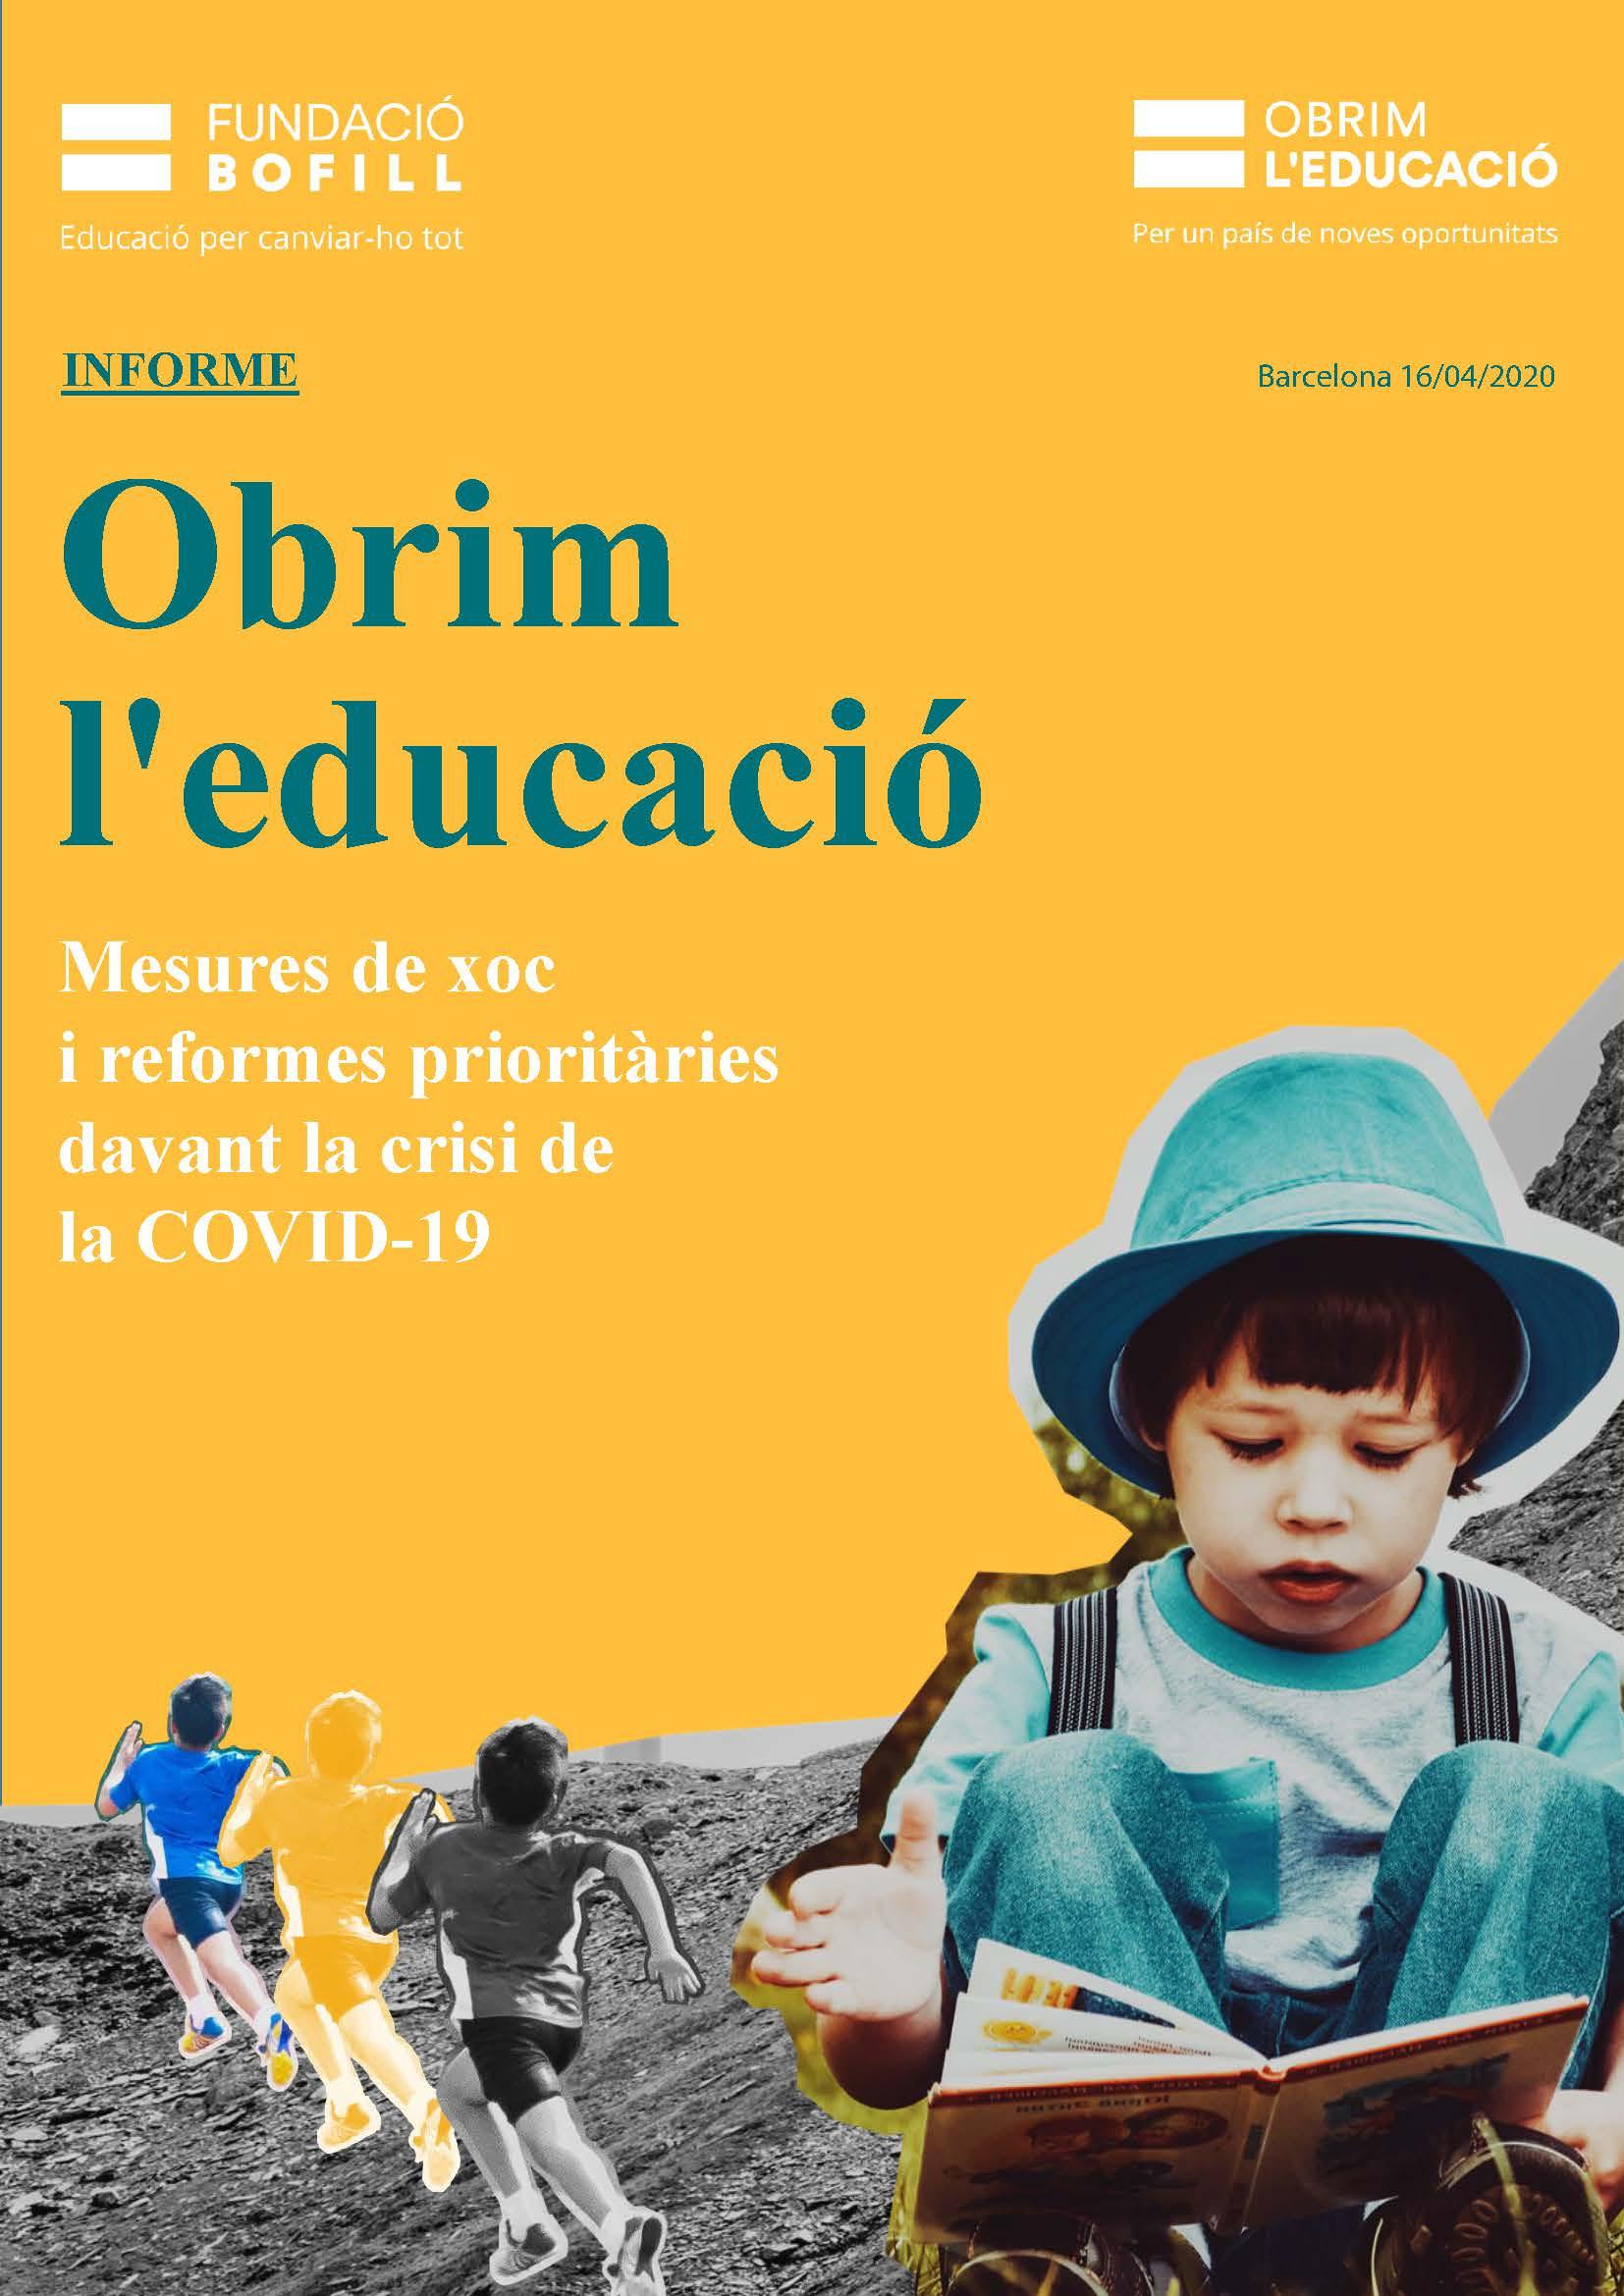 9rs-portada-informe-agenda.jpg